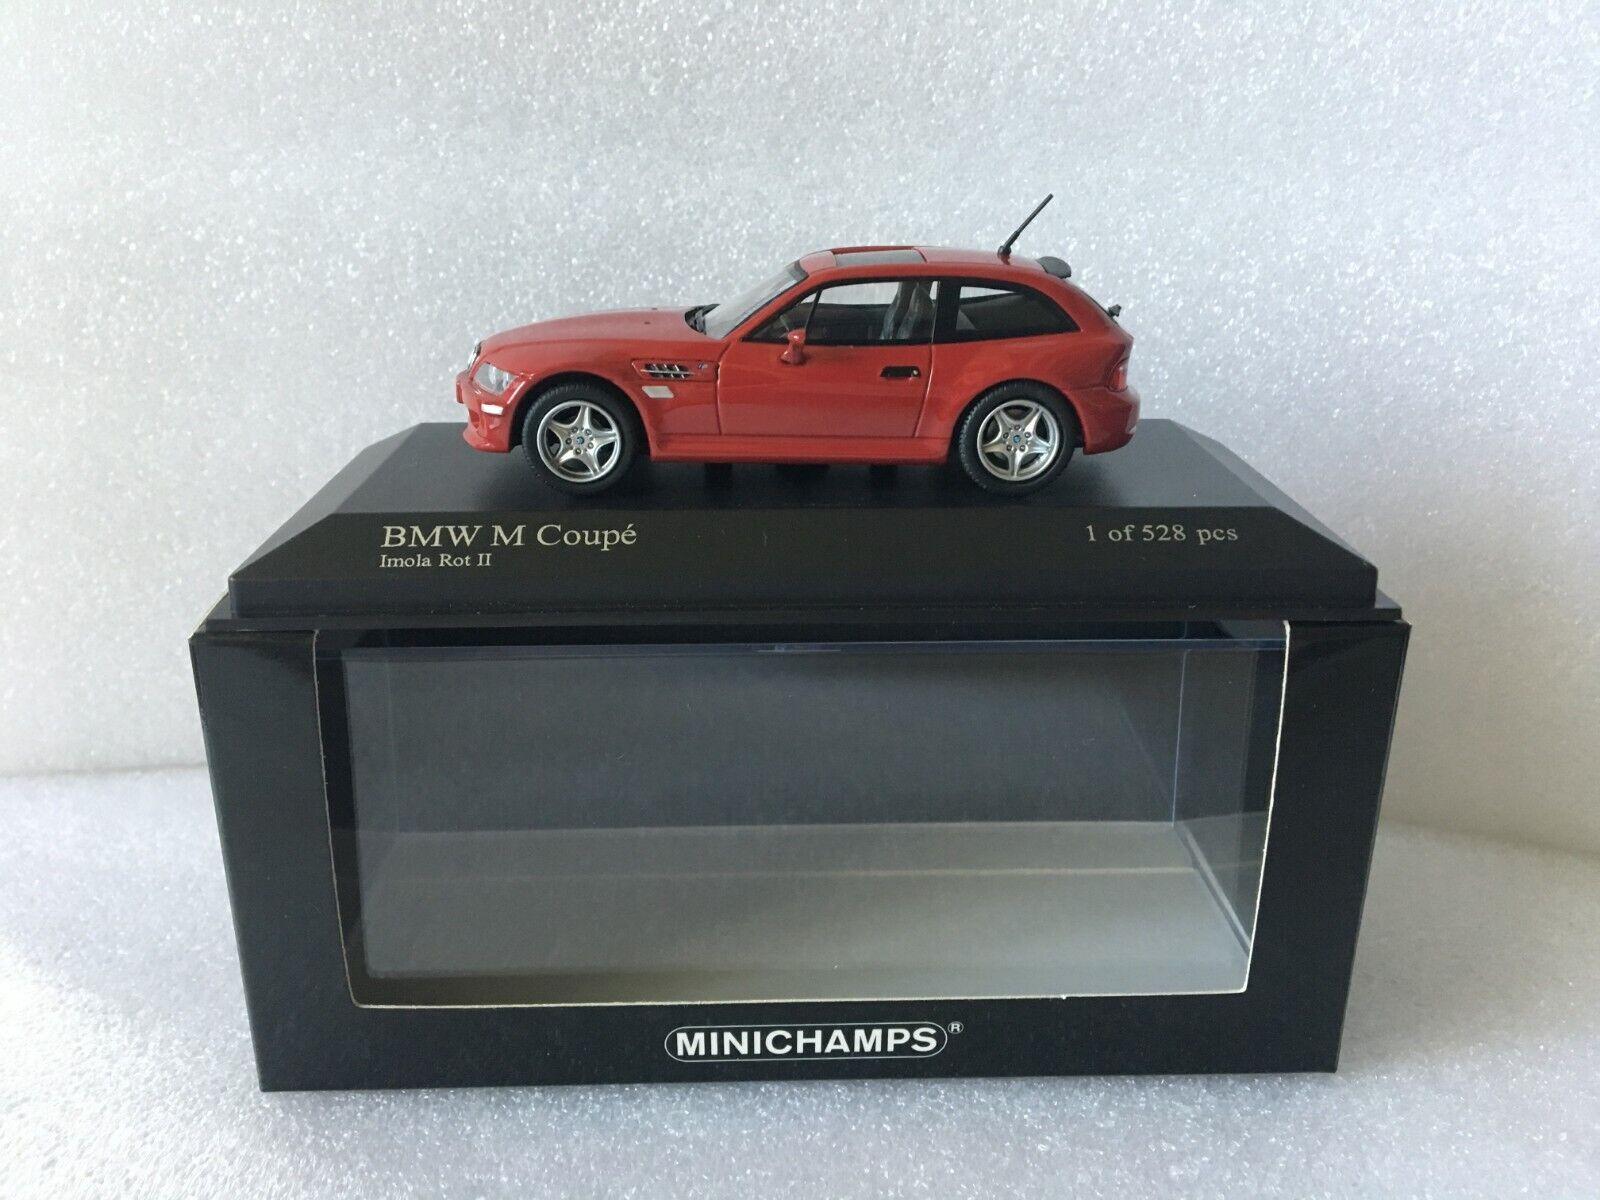 MINICHAMPS 400 029062 BMW M Coupé 2002 1 43